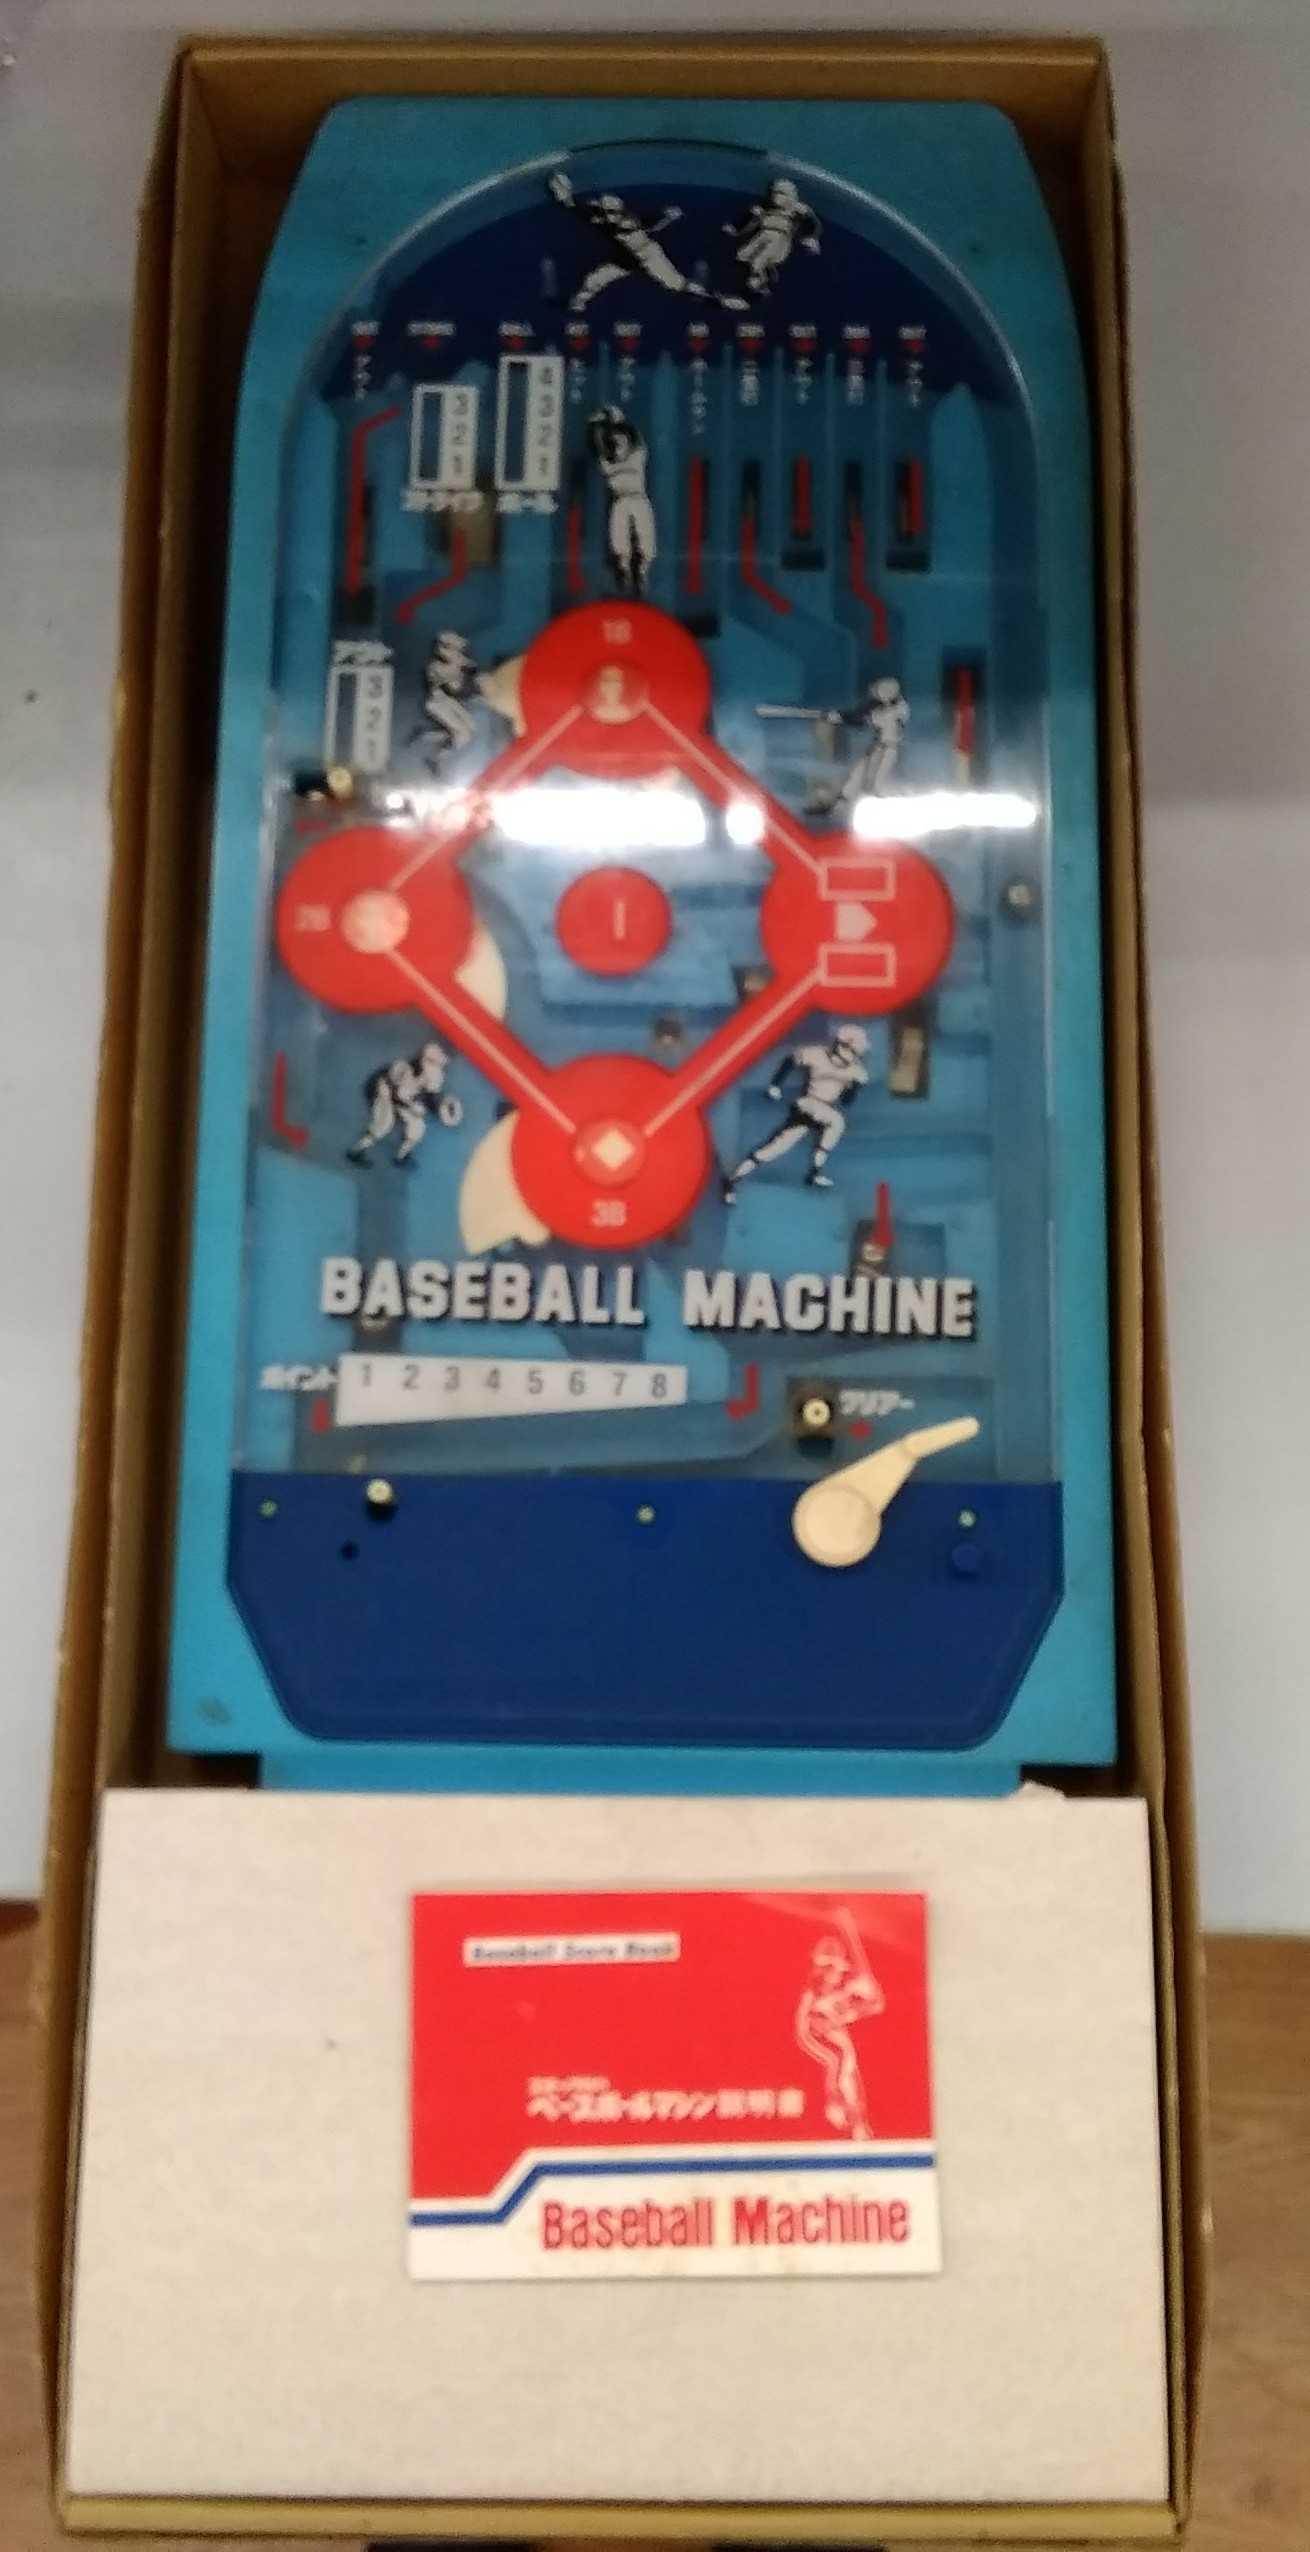 ベースボールマシン エポック